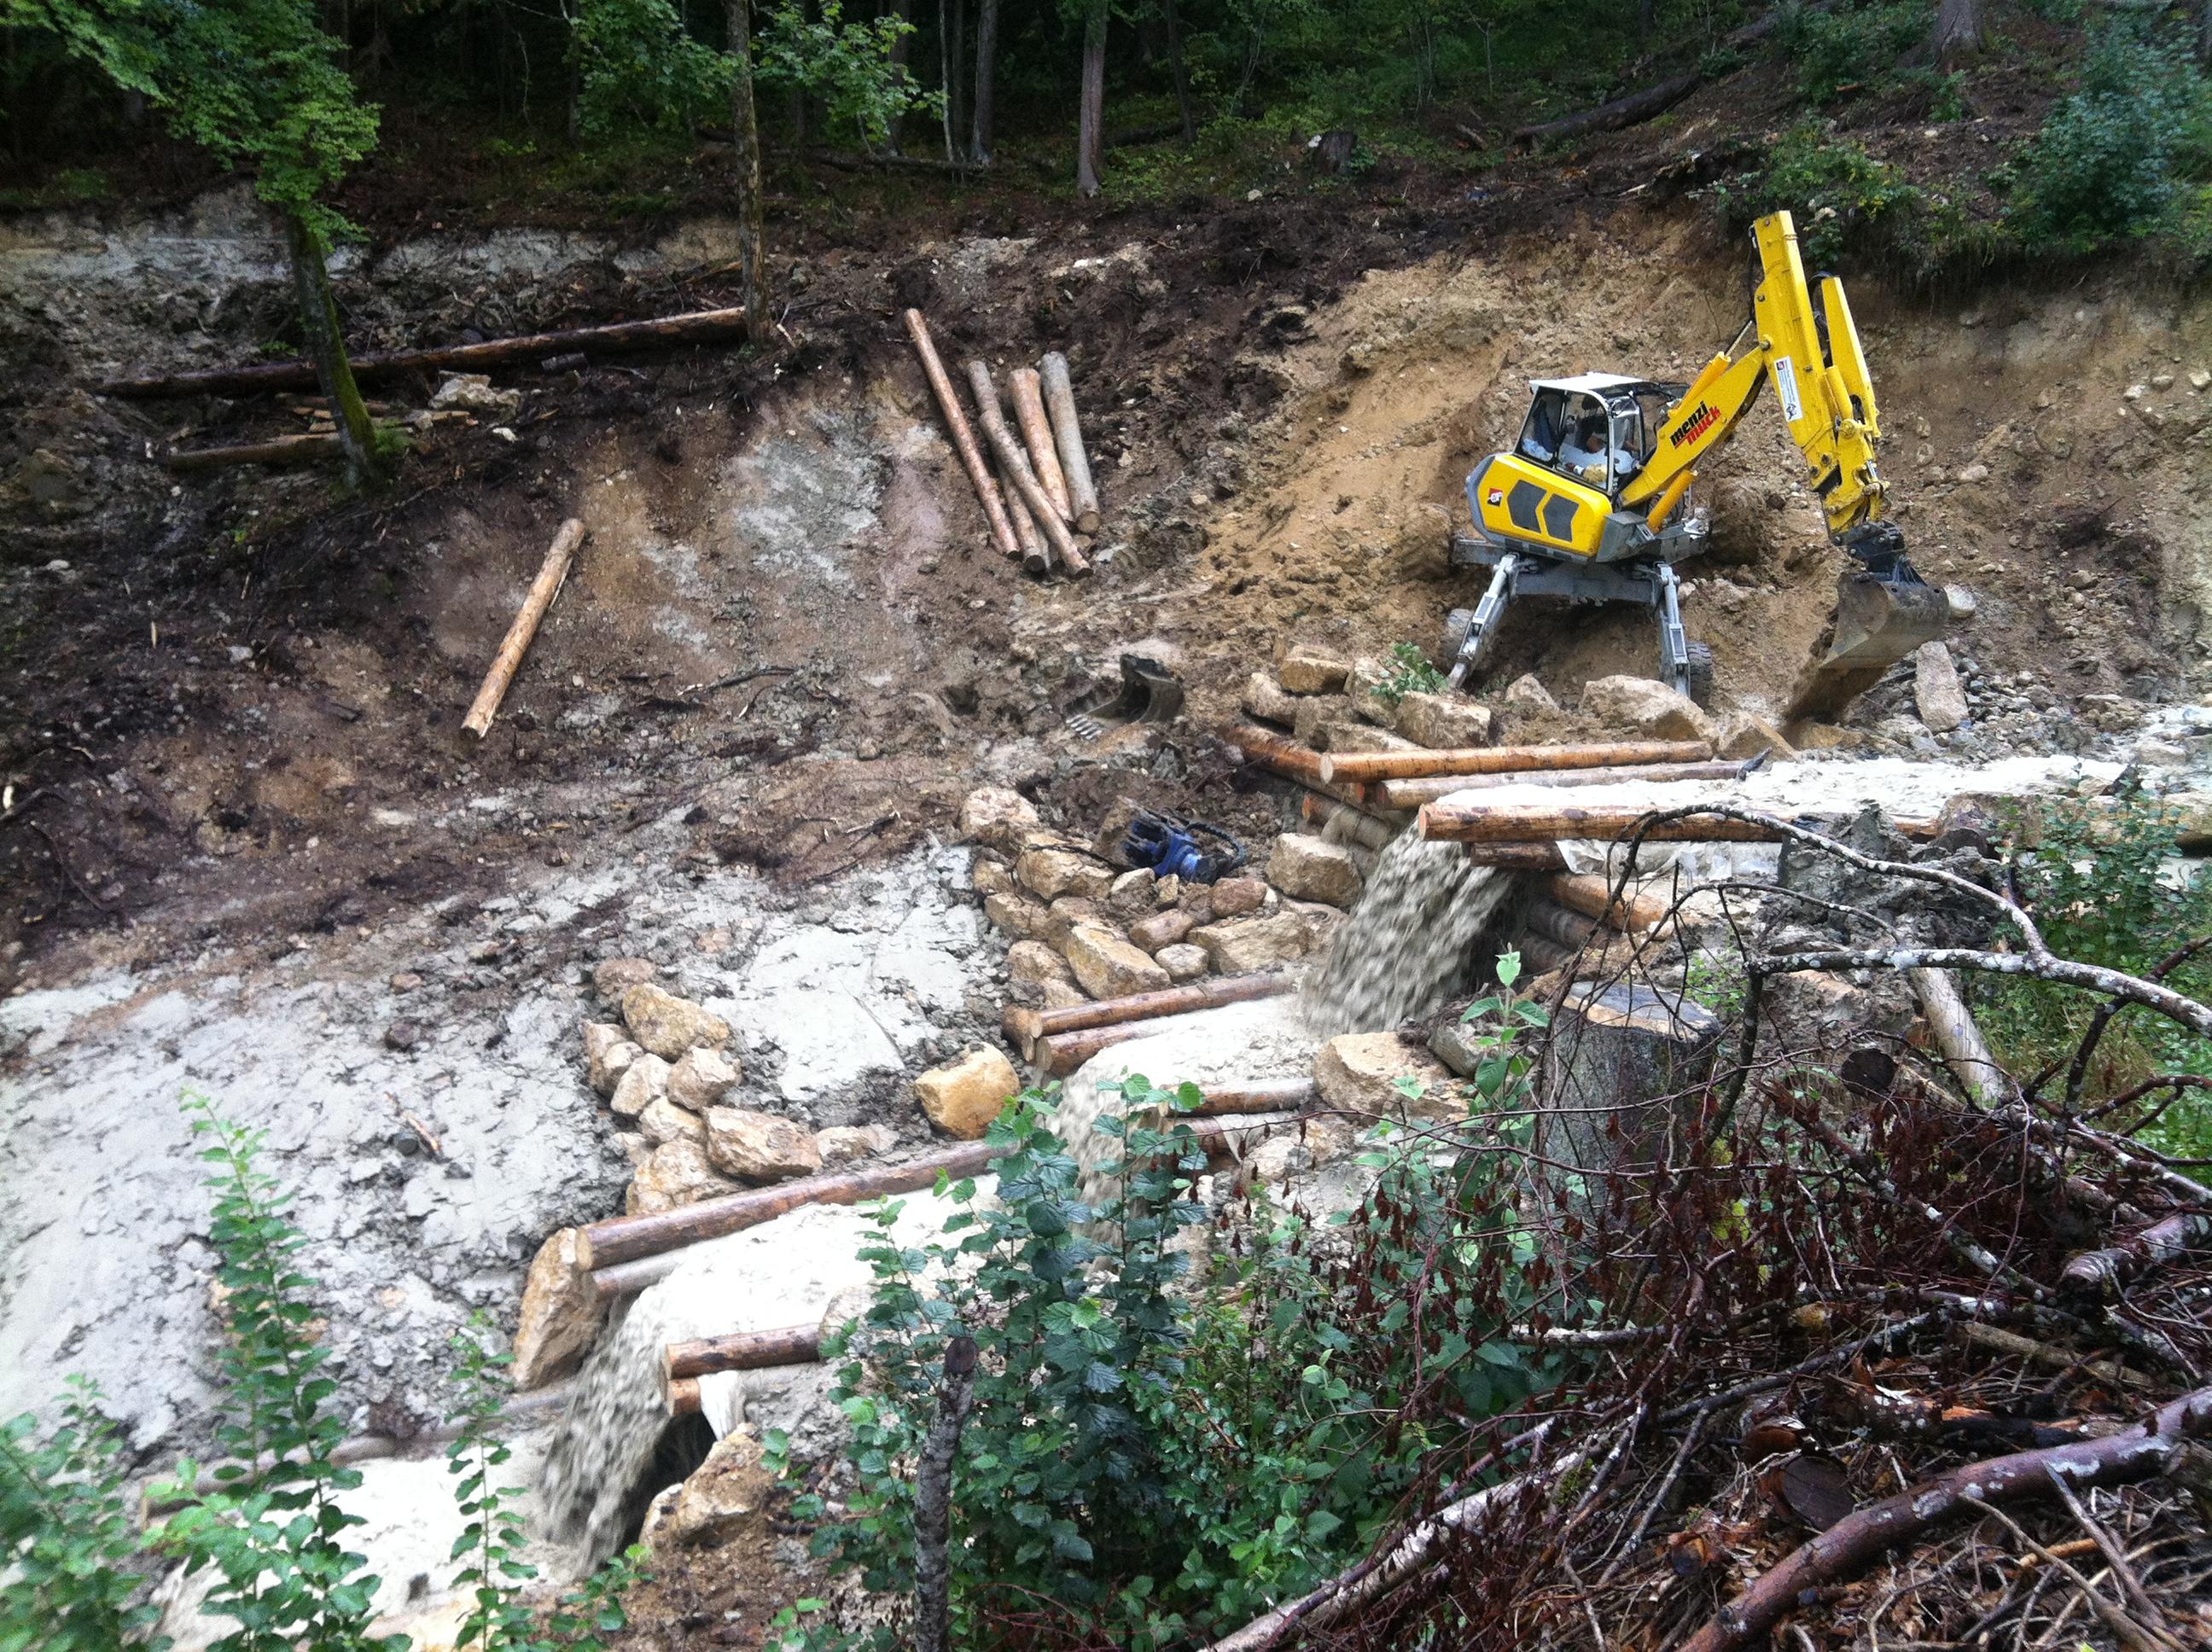 Le bois est ensuite déposé à proximité de la machine et mis en place